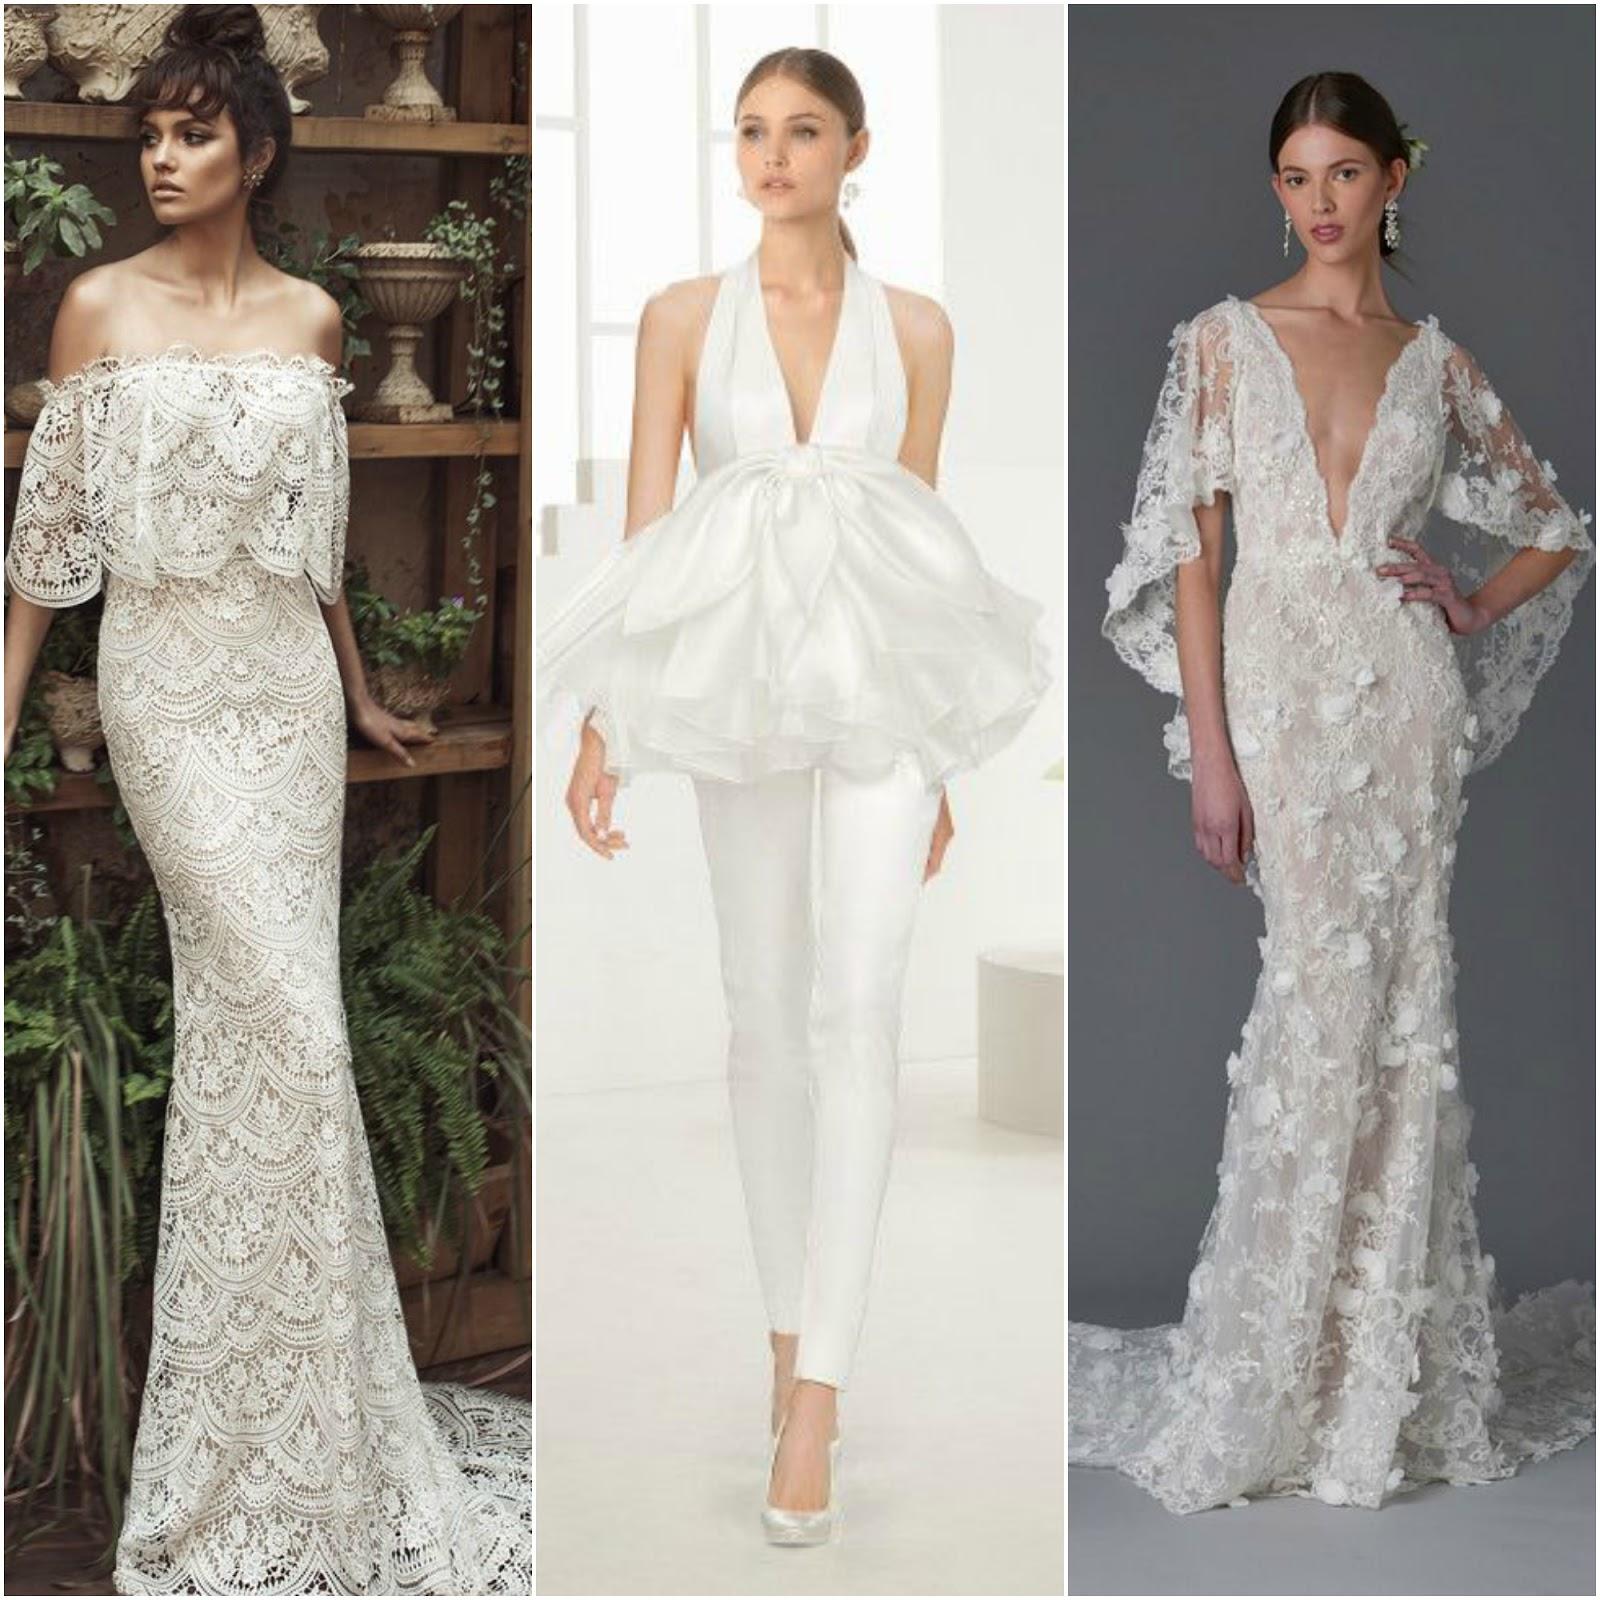 Vestidos de noiva com volumes diferentes